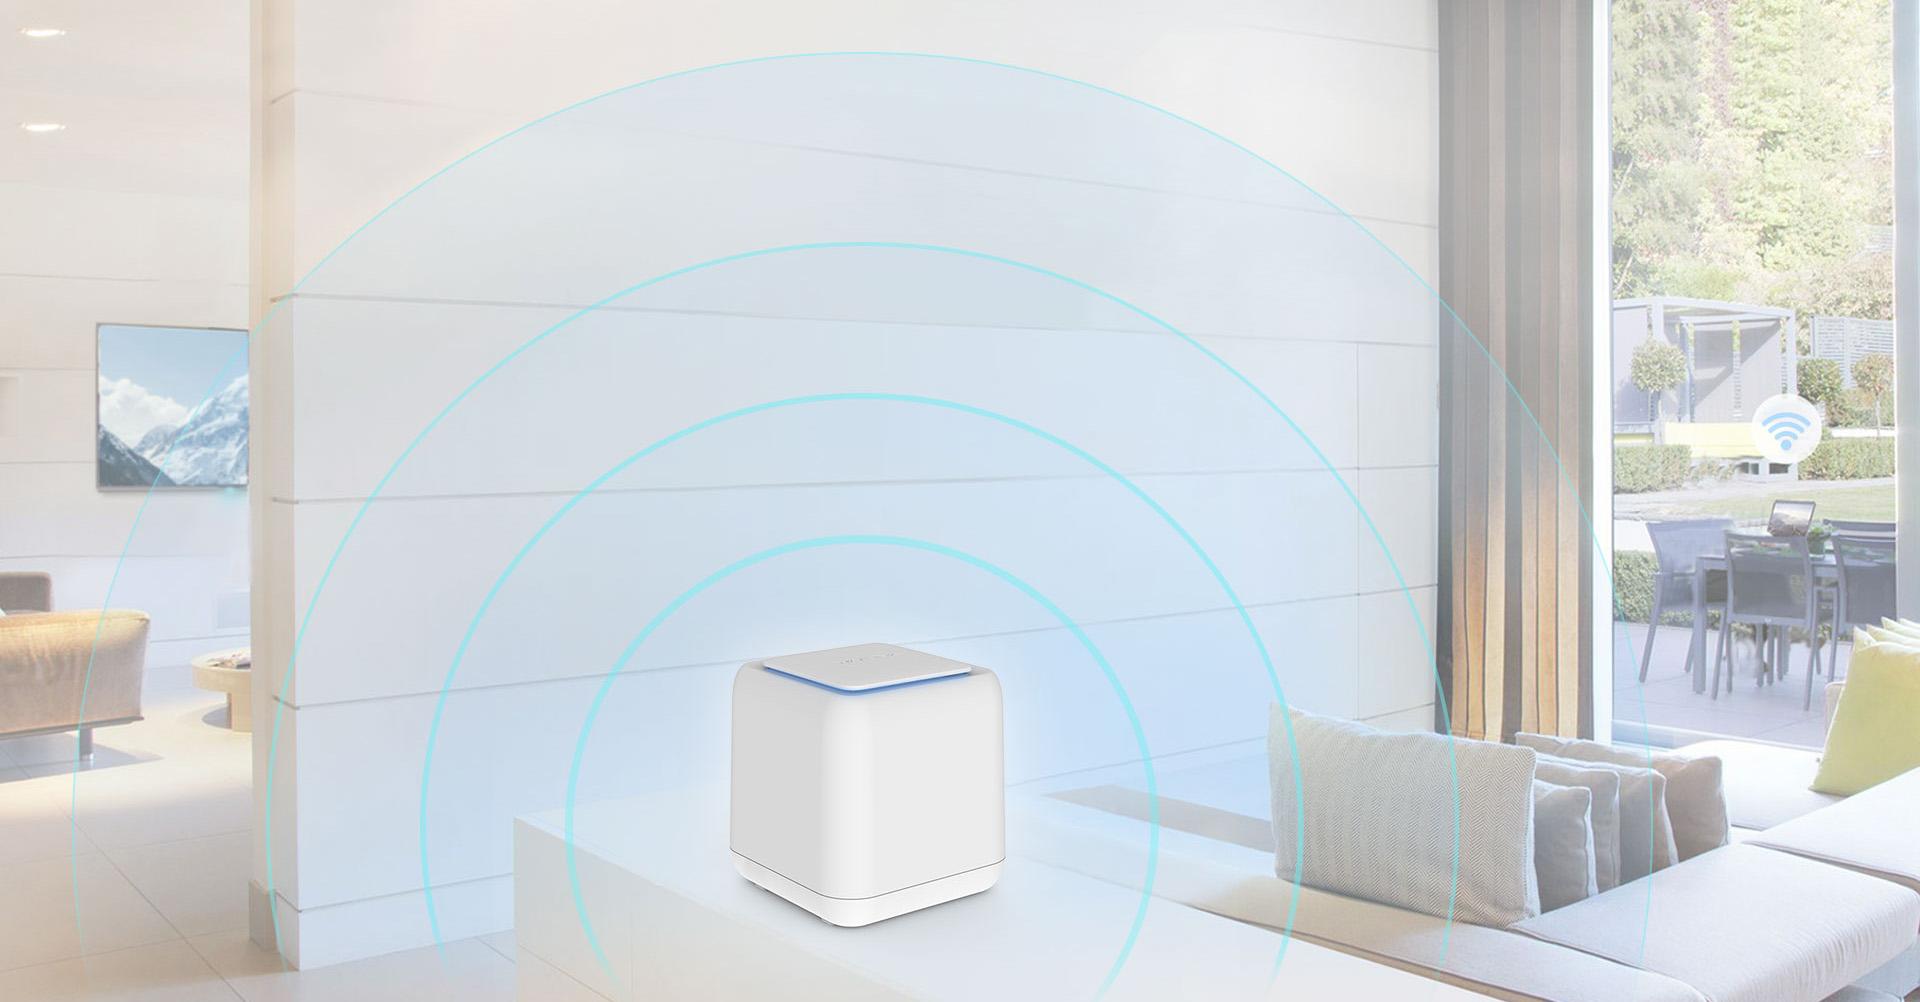 高增益的天线和波束成形技术,增强信号覆盖范围